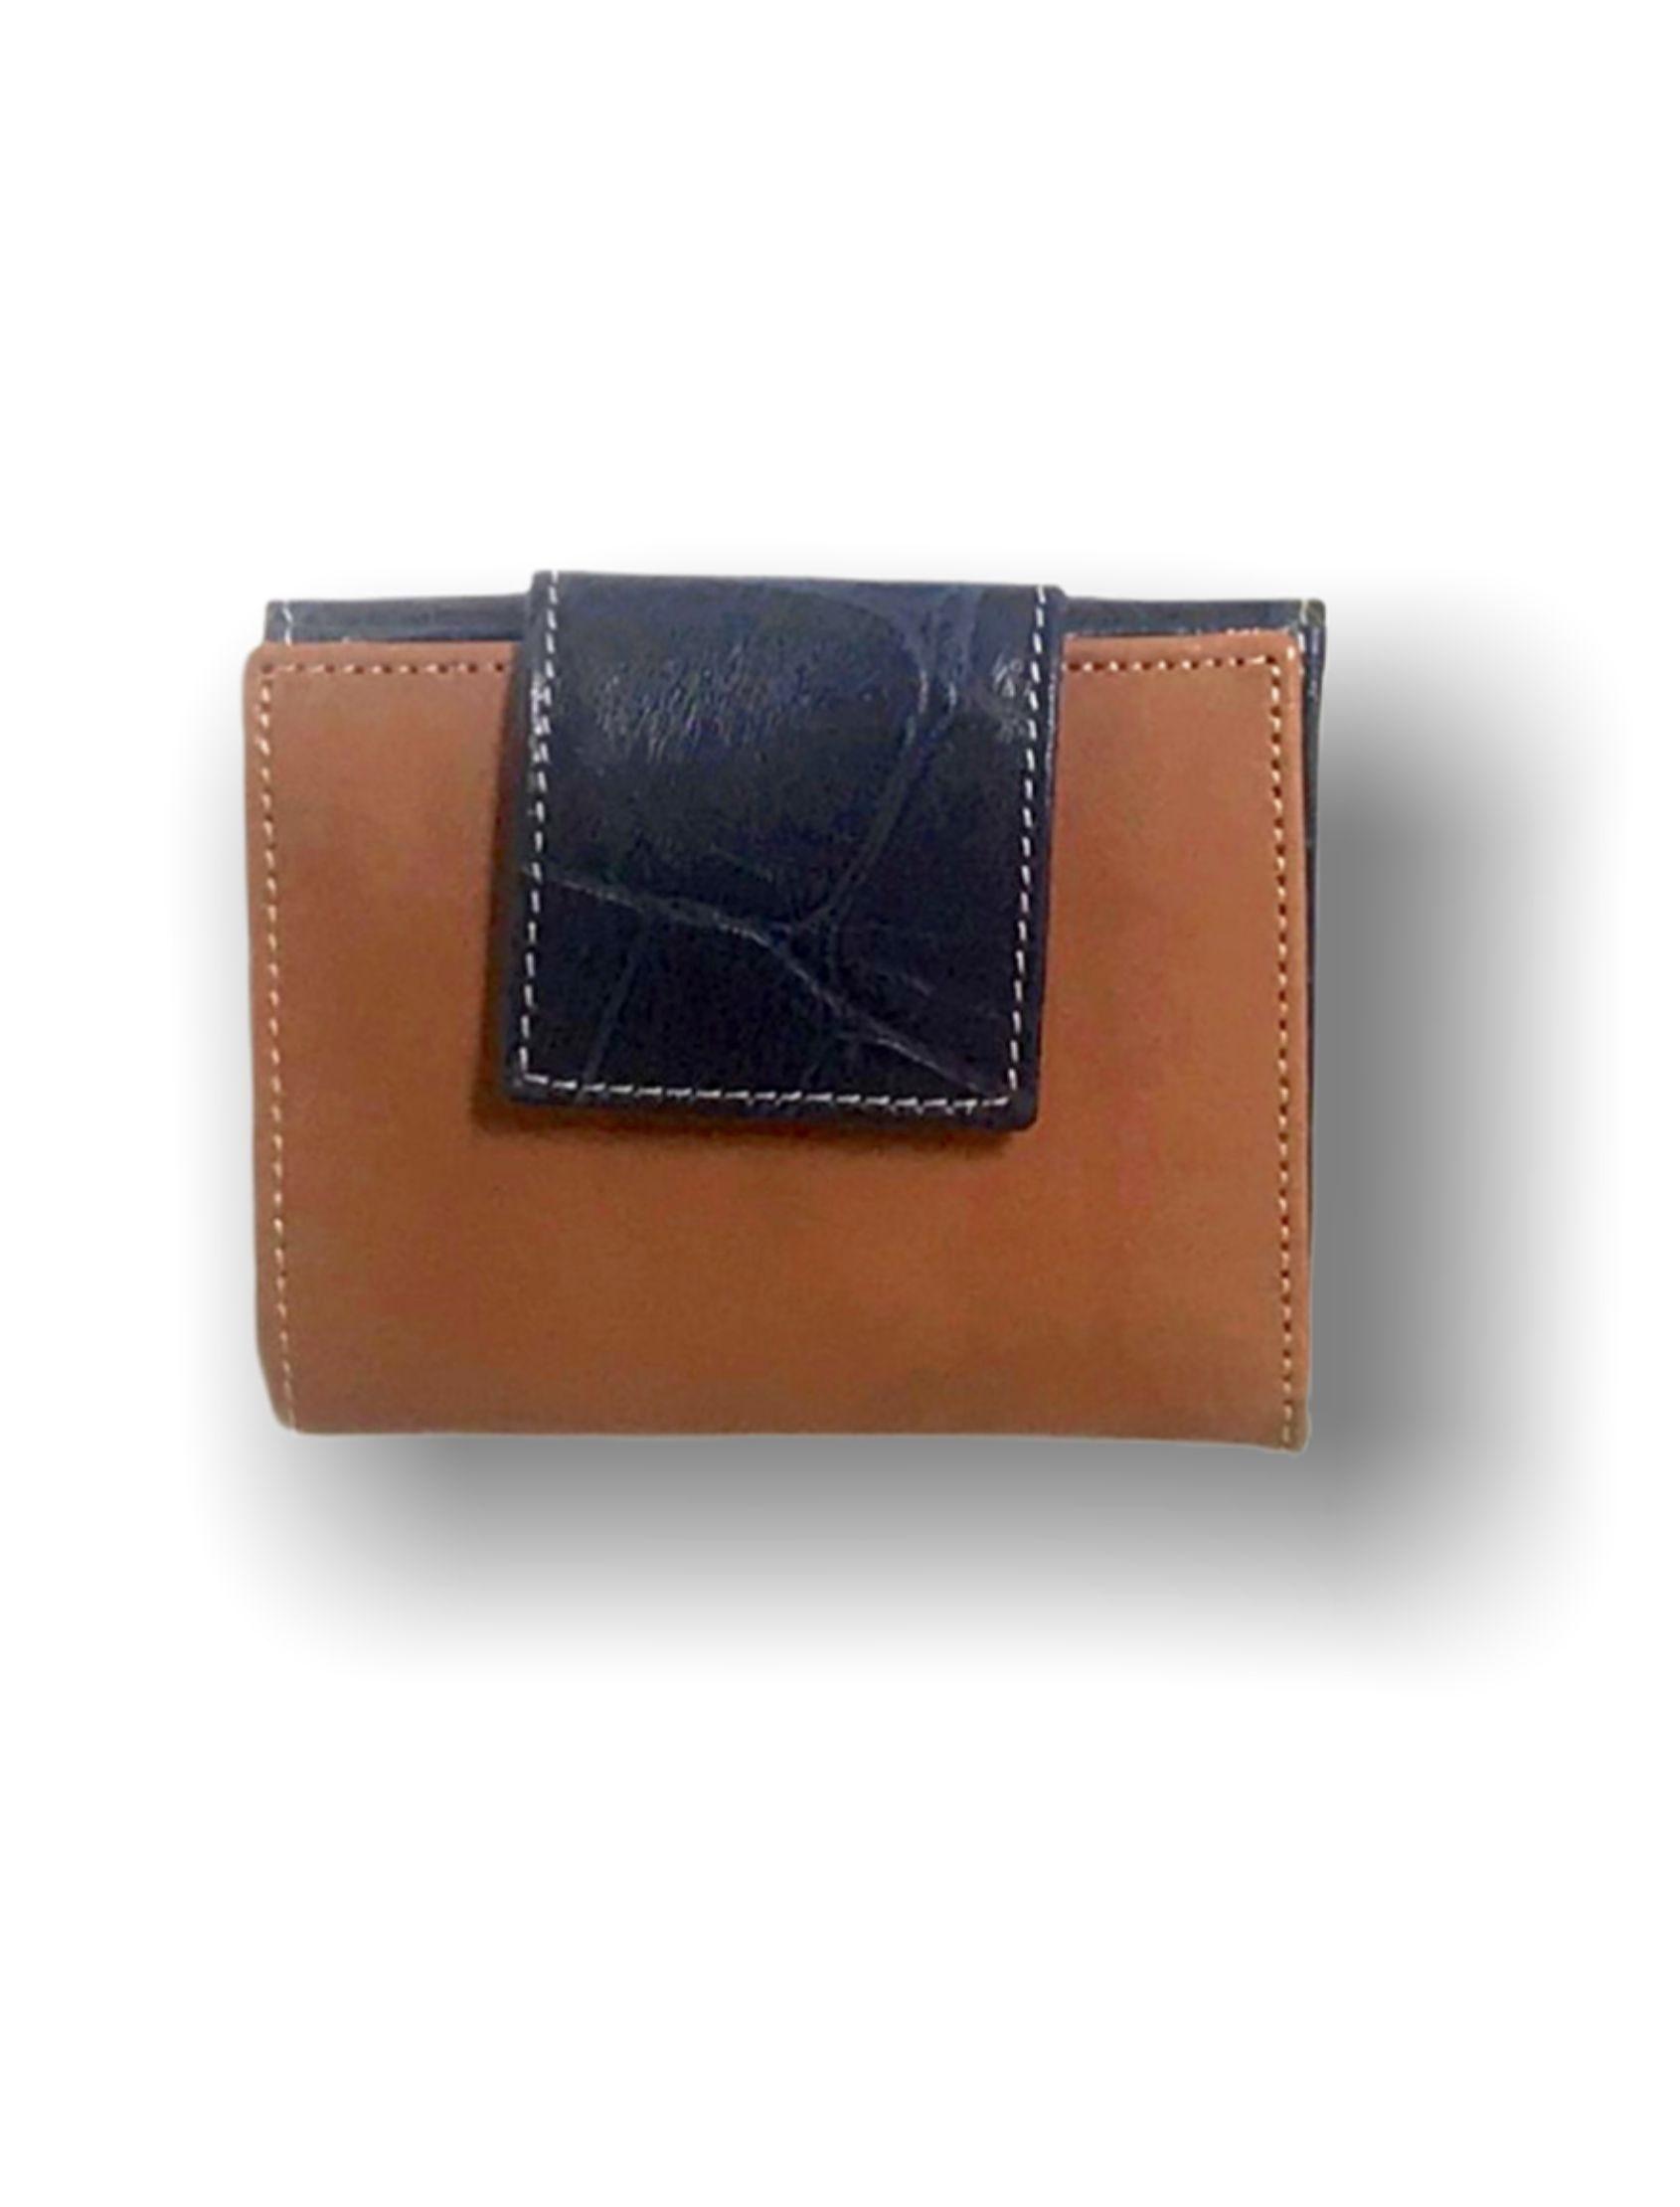 cartera señora en color cuero combinado con azul de piel